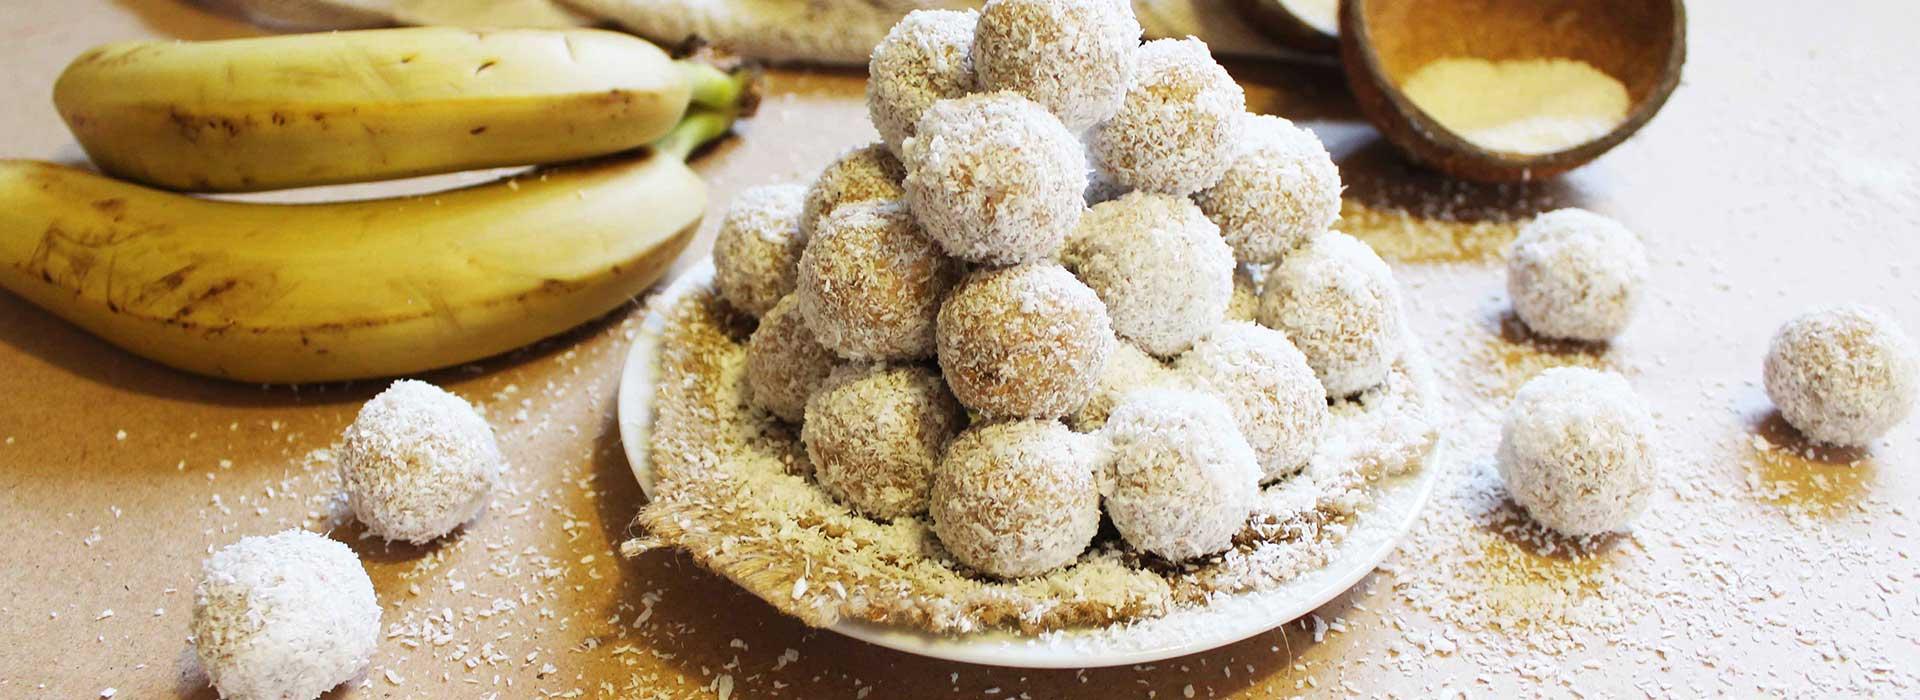 kokos-banan-kuglice-s-keksom-recept